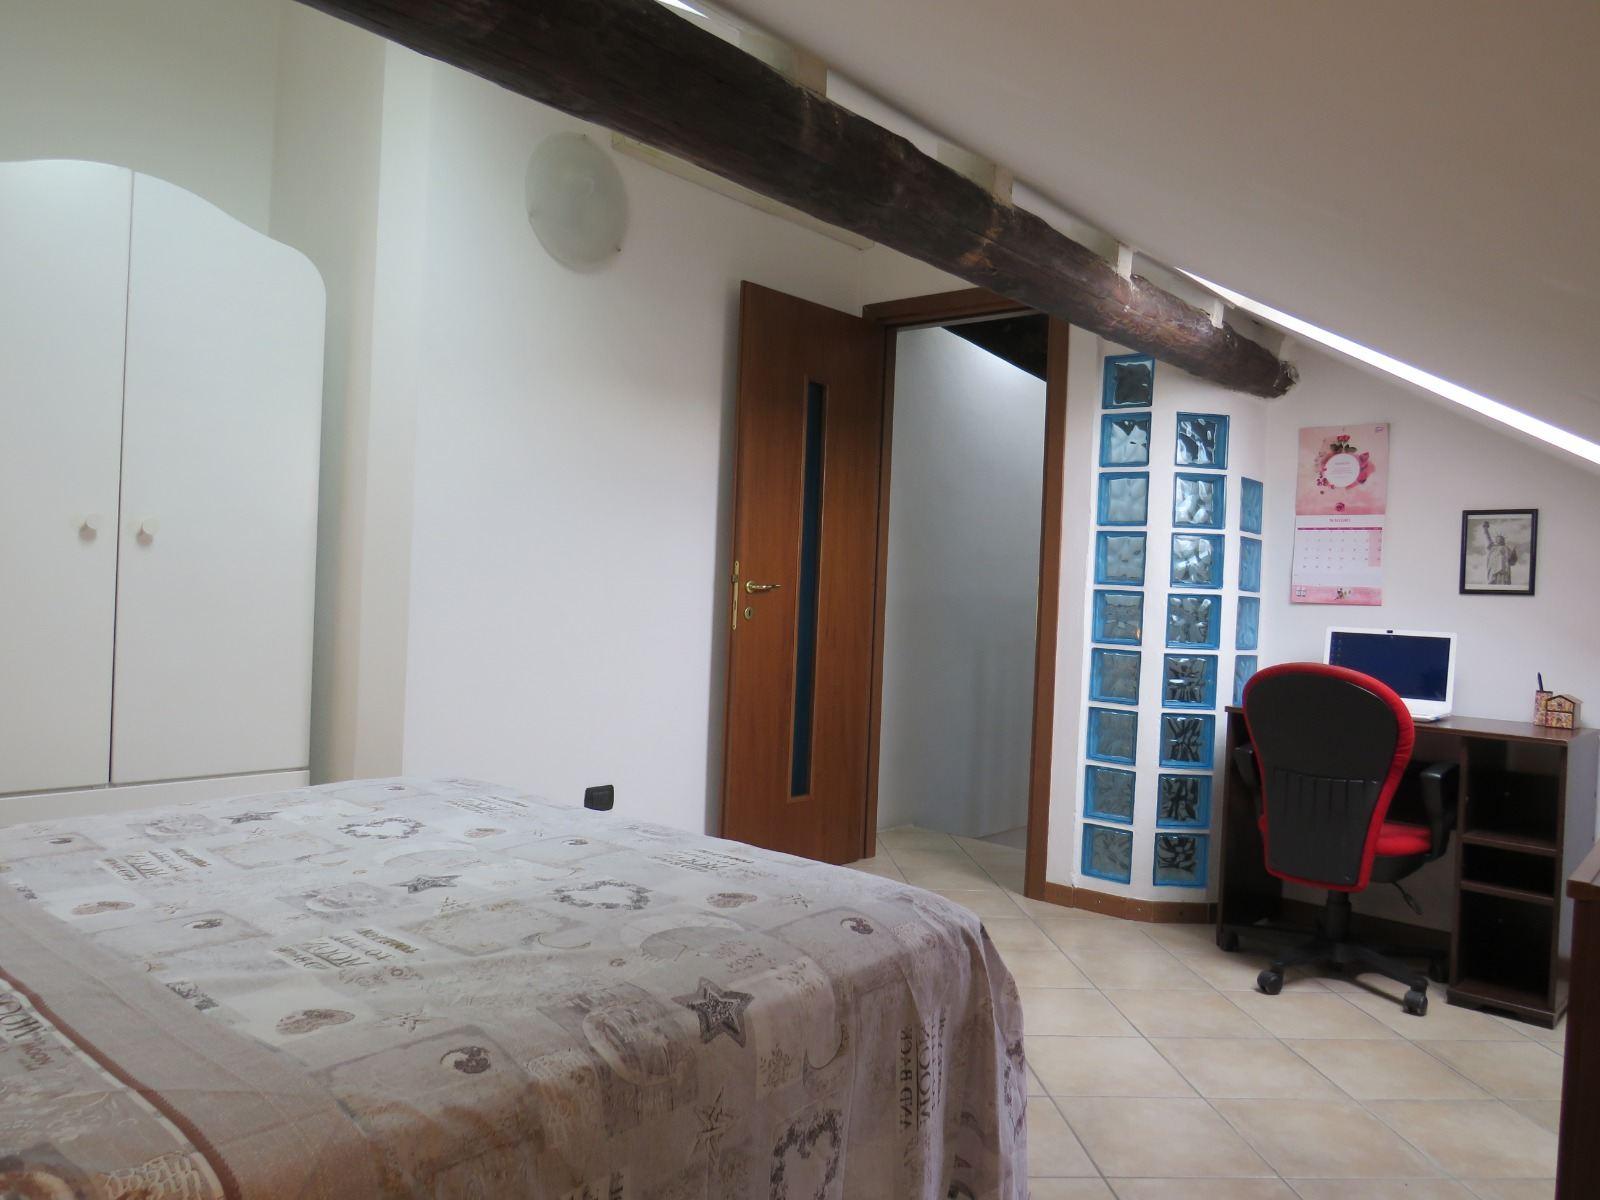 appartamento-in-vendita-a-rho-spaziourbano-immobiliare-vende-2-locali-bilocale-milano-fiera-1